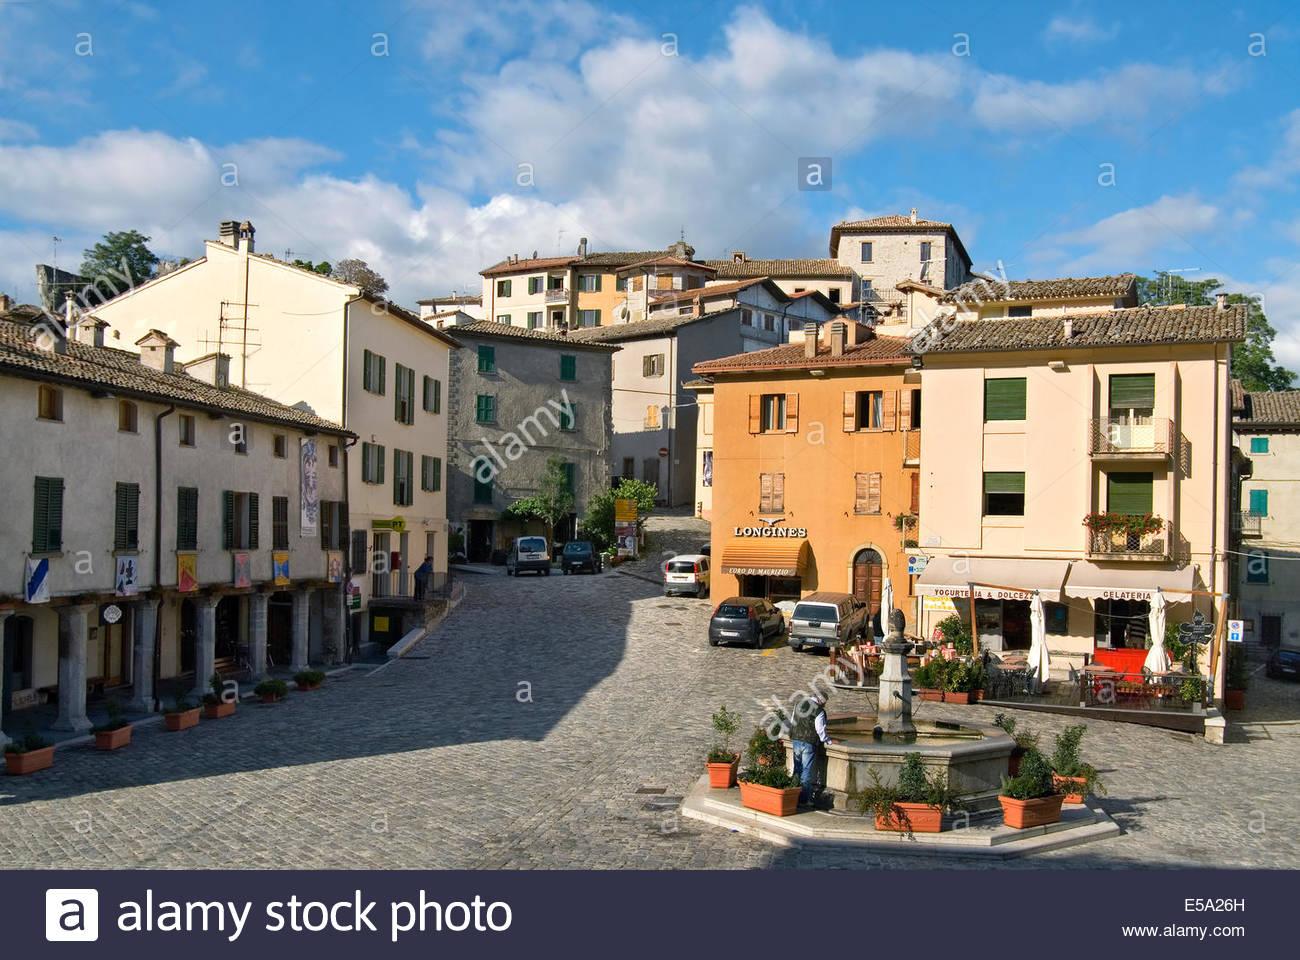 Piazza im historischen Stadtzentrum von Pennabilli in Emilia-Romagna, Nord-Italien. Stockbild